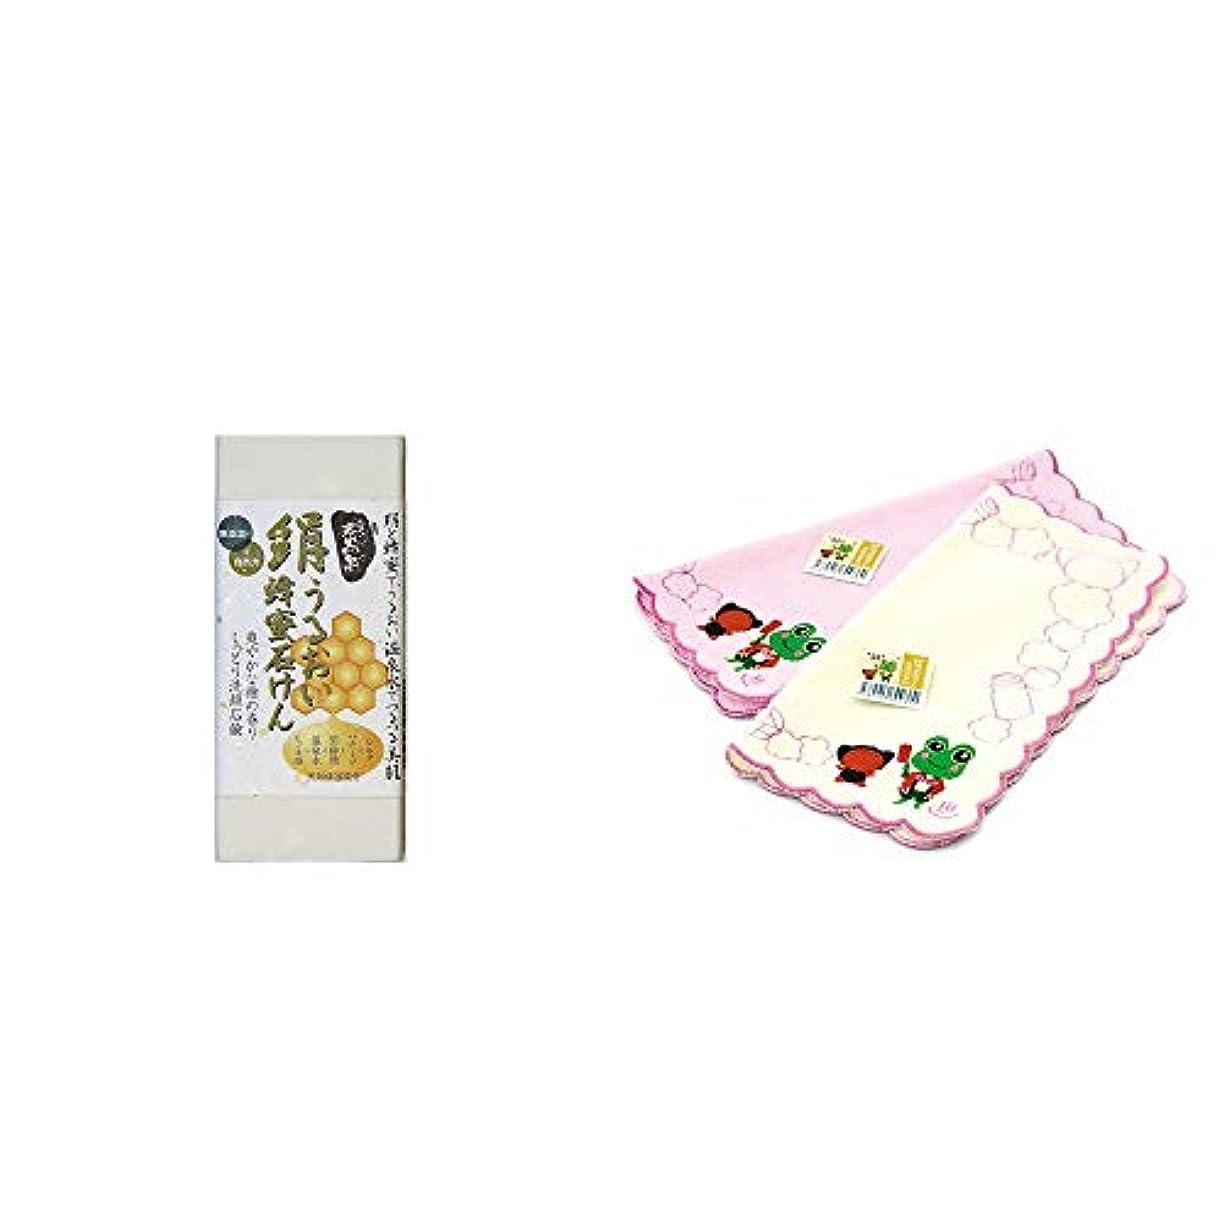 不測の事態参照する設計[2点セット] ひのき炭黒泉 絹うるおい蜂蜜石けん(75g×2)?下呂温泉限定 さるぼぼ&げろぐるくん ふわふわタオルハンカチ【ピンク】